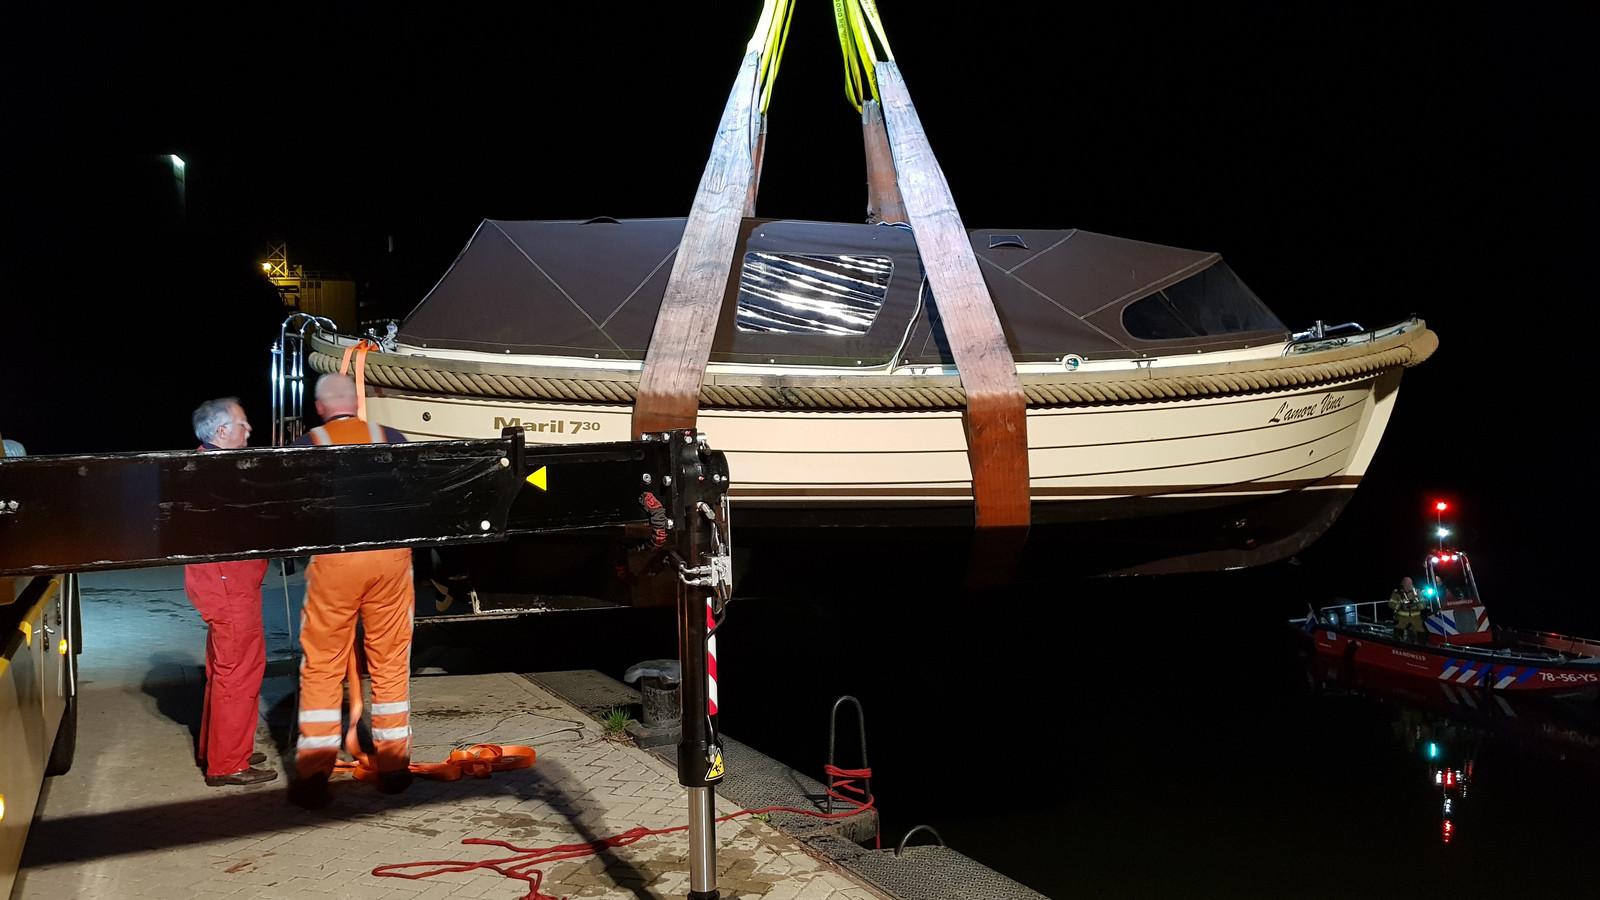 Het bootje wordt door de berger uit het water getild.